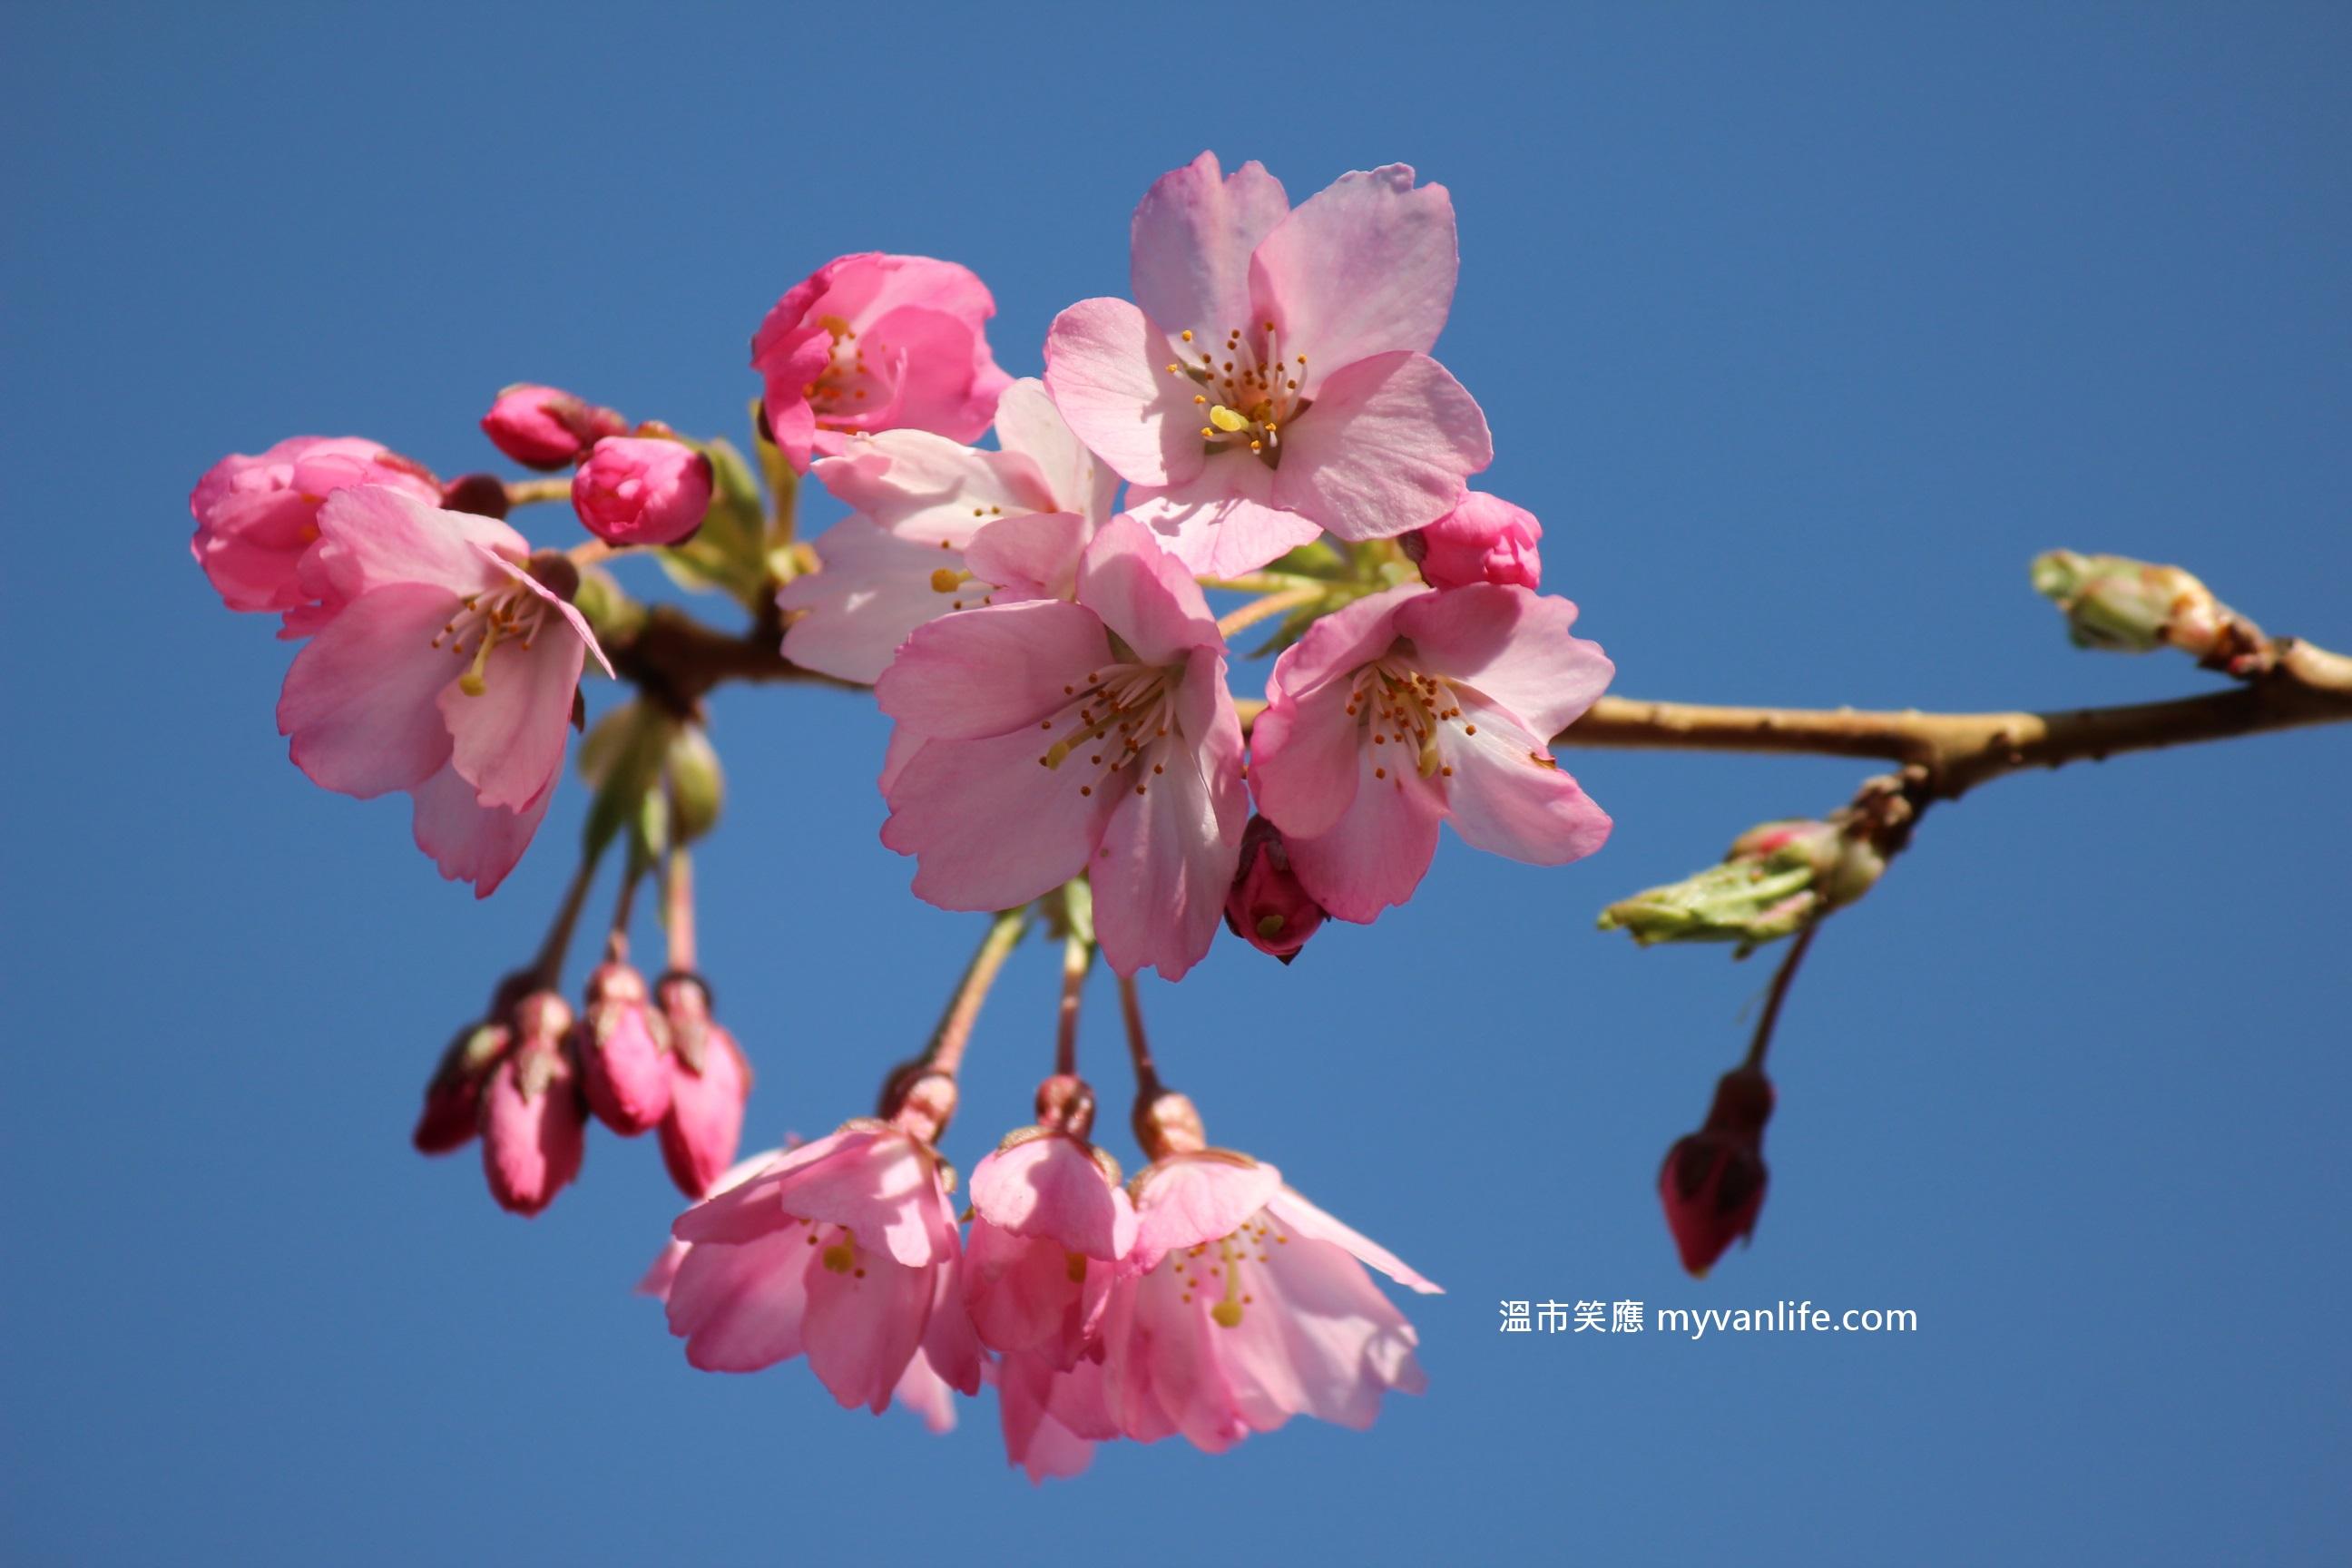 溫哥華櫻花賞 春深了,賞櫻的工具準備好了嗎?